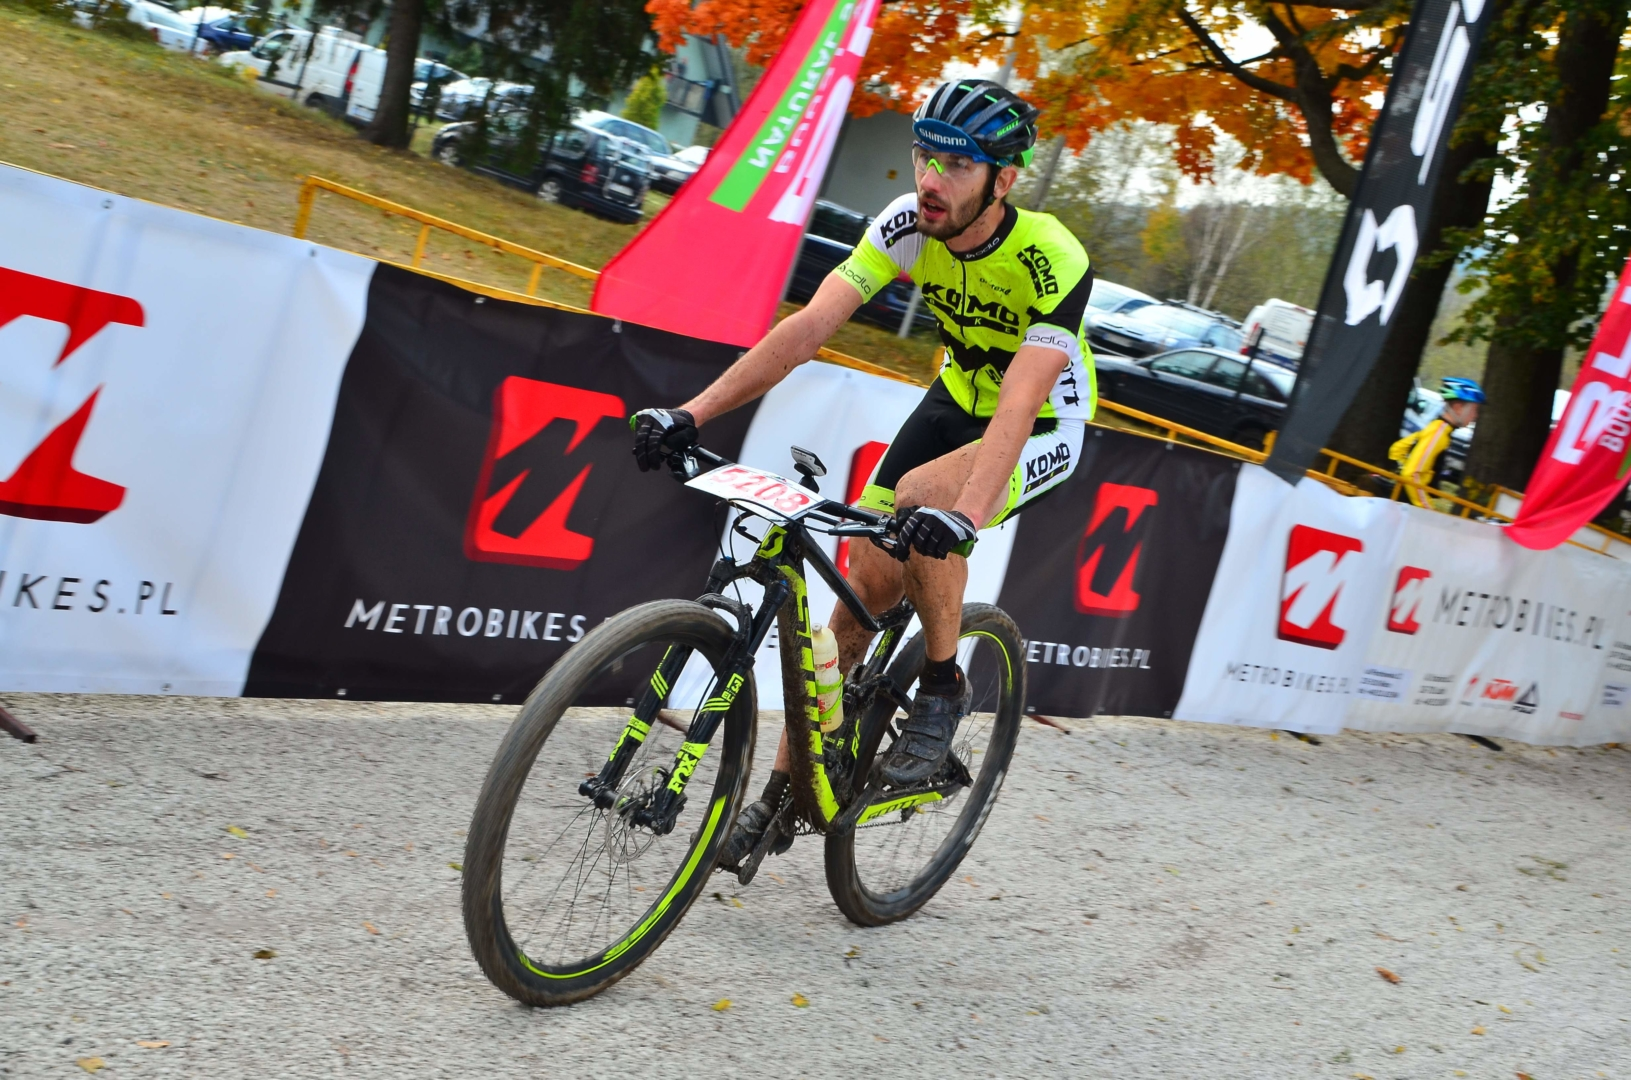 Piotr Truszczyński (Komobike Scott) – Metrobikes.pl MTB Cross Maraton, Masłów Ciekoty